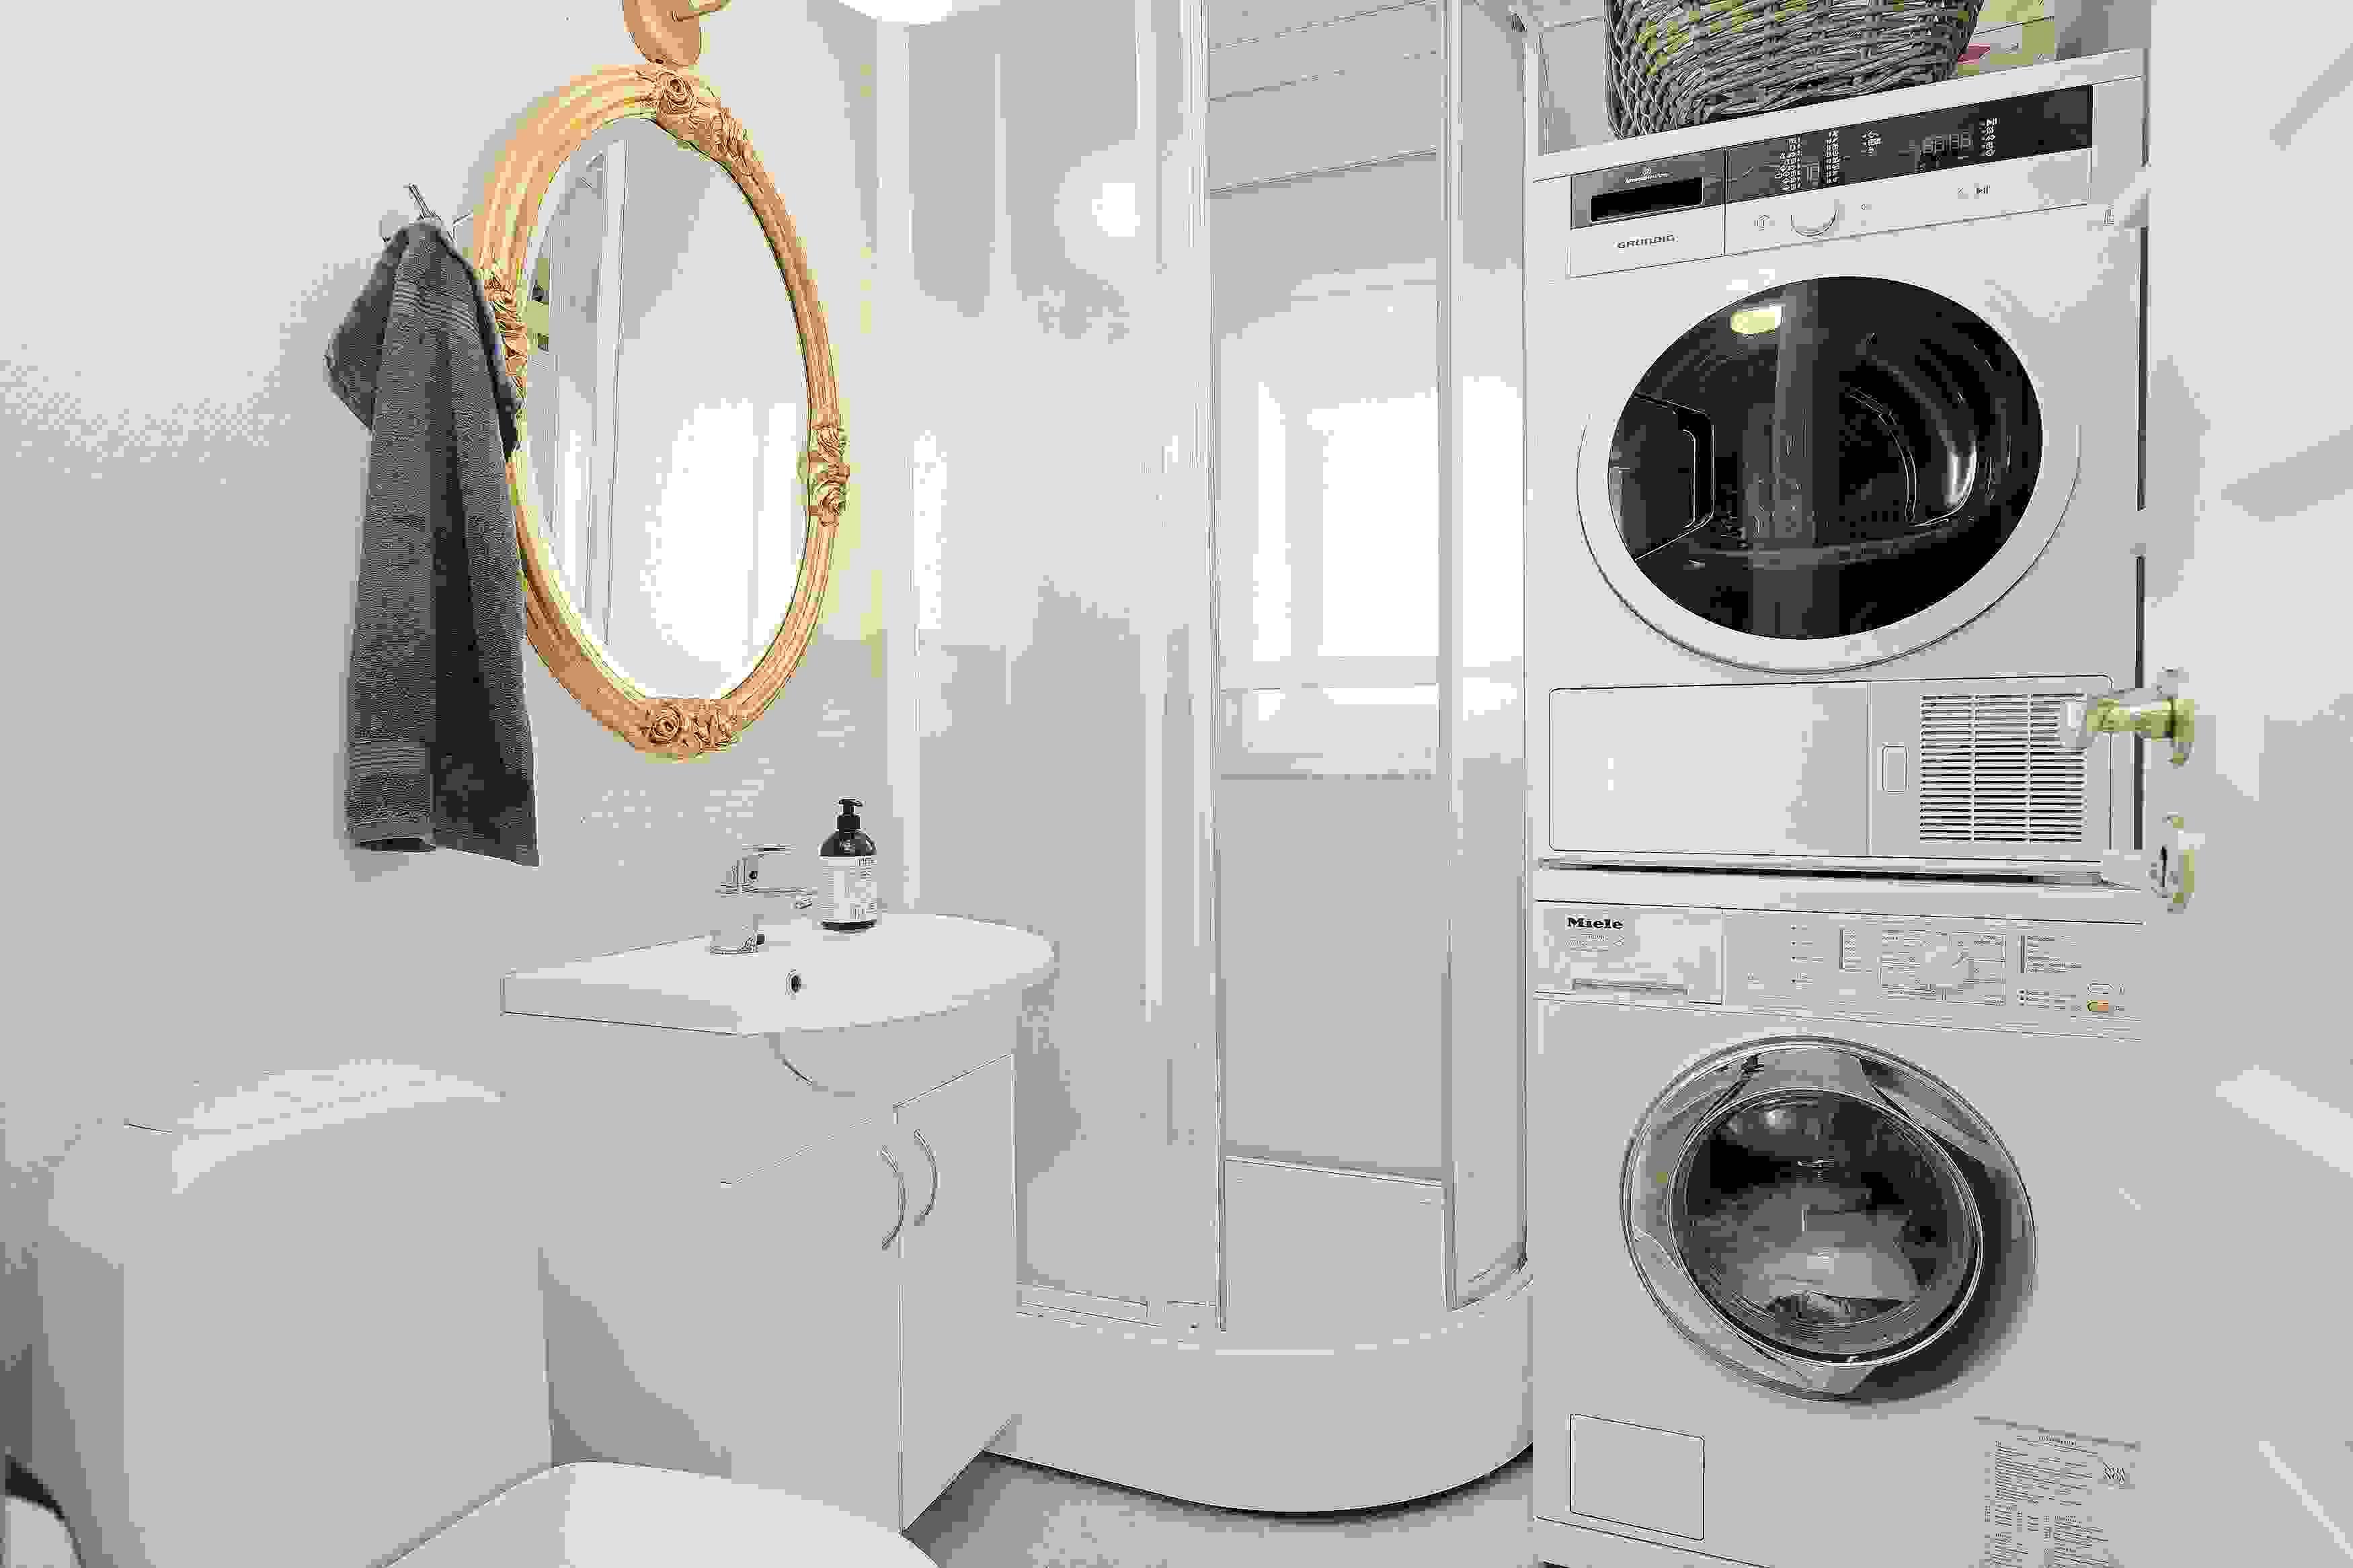 Bad/wc i 1. etasje med opplegg til vaskemaskin.